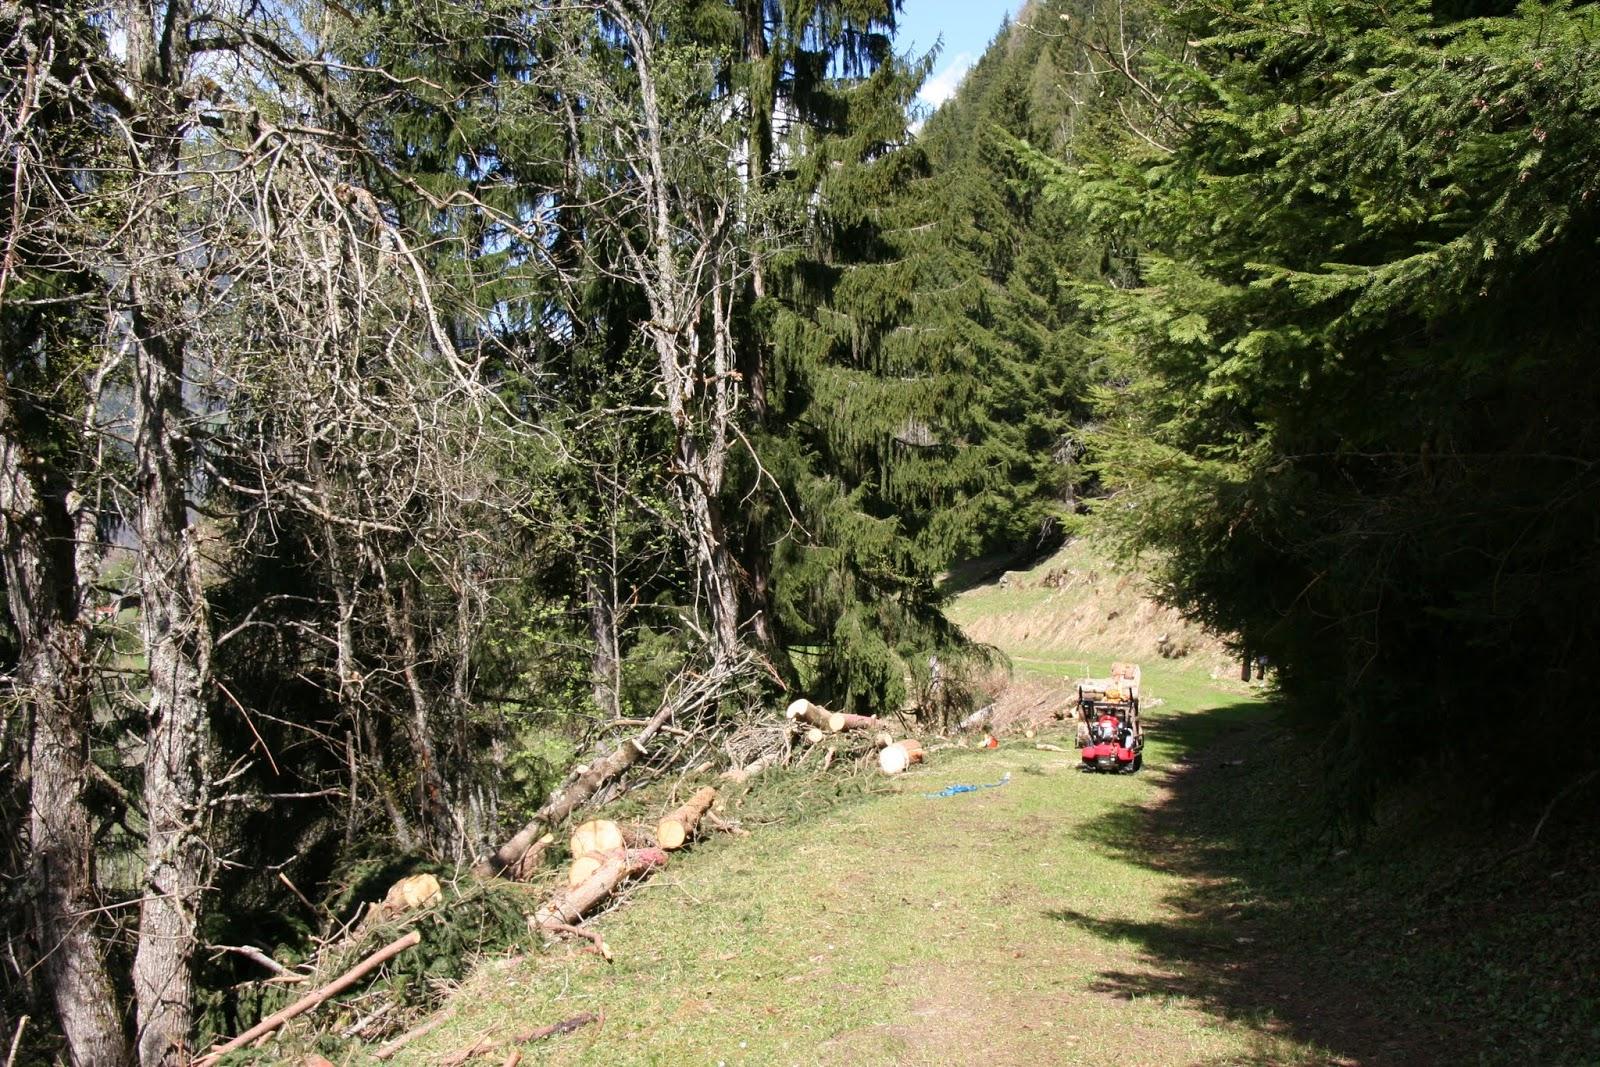 le potager d 39 andr e 2014 avril 22 tronc d 39 arbre d biter dans une forte pente danger. Black Bedroom Furniture Sets. Home Design Ideas